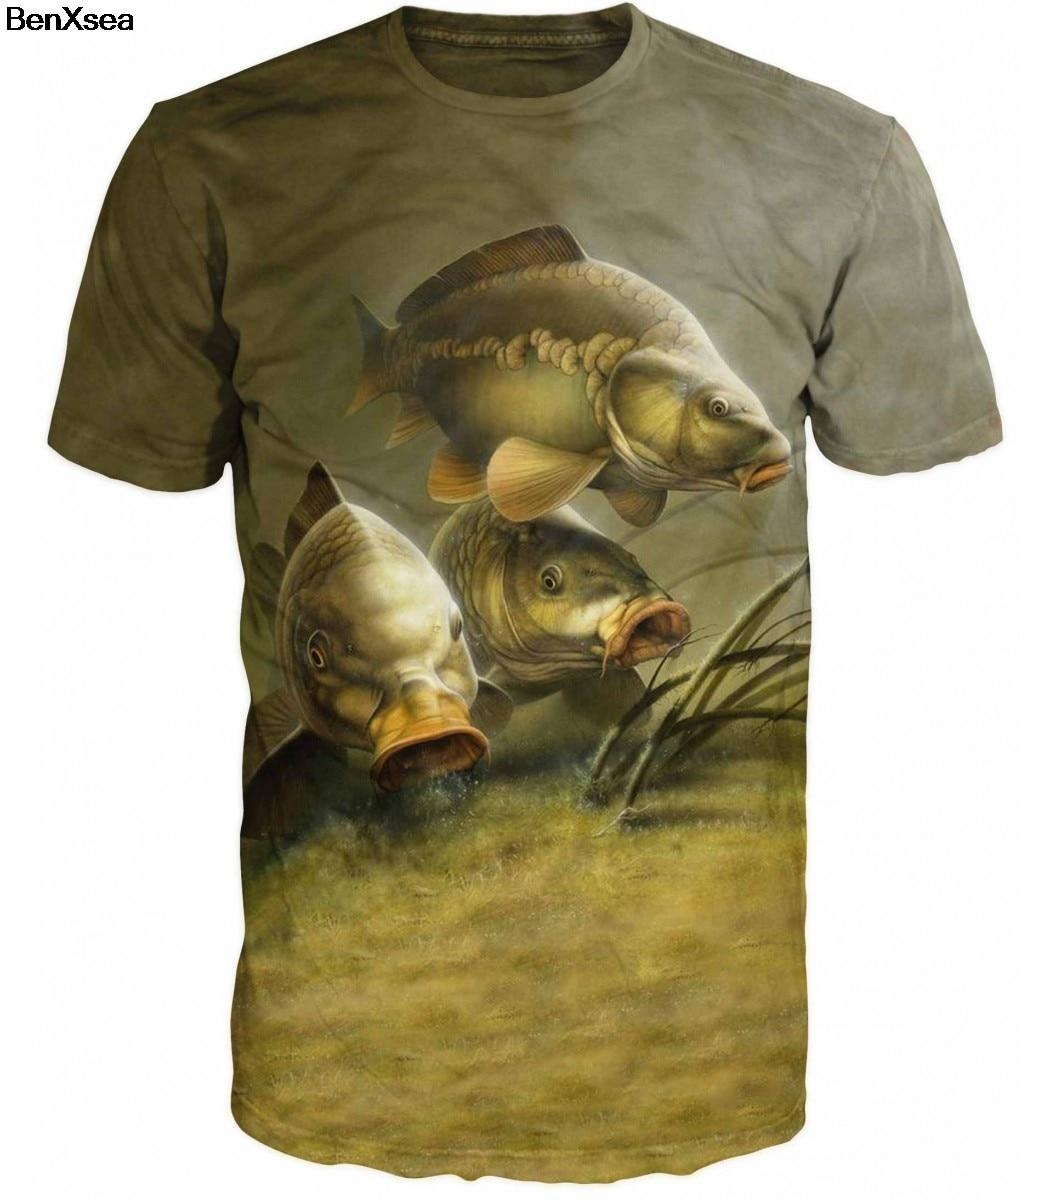 2018 Cool MAN Animal Printed Carp MAN T Shirt Unique Fashion Animal Printed Desgin T Shirt Top Tees